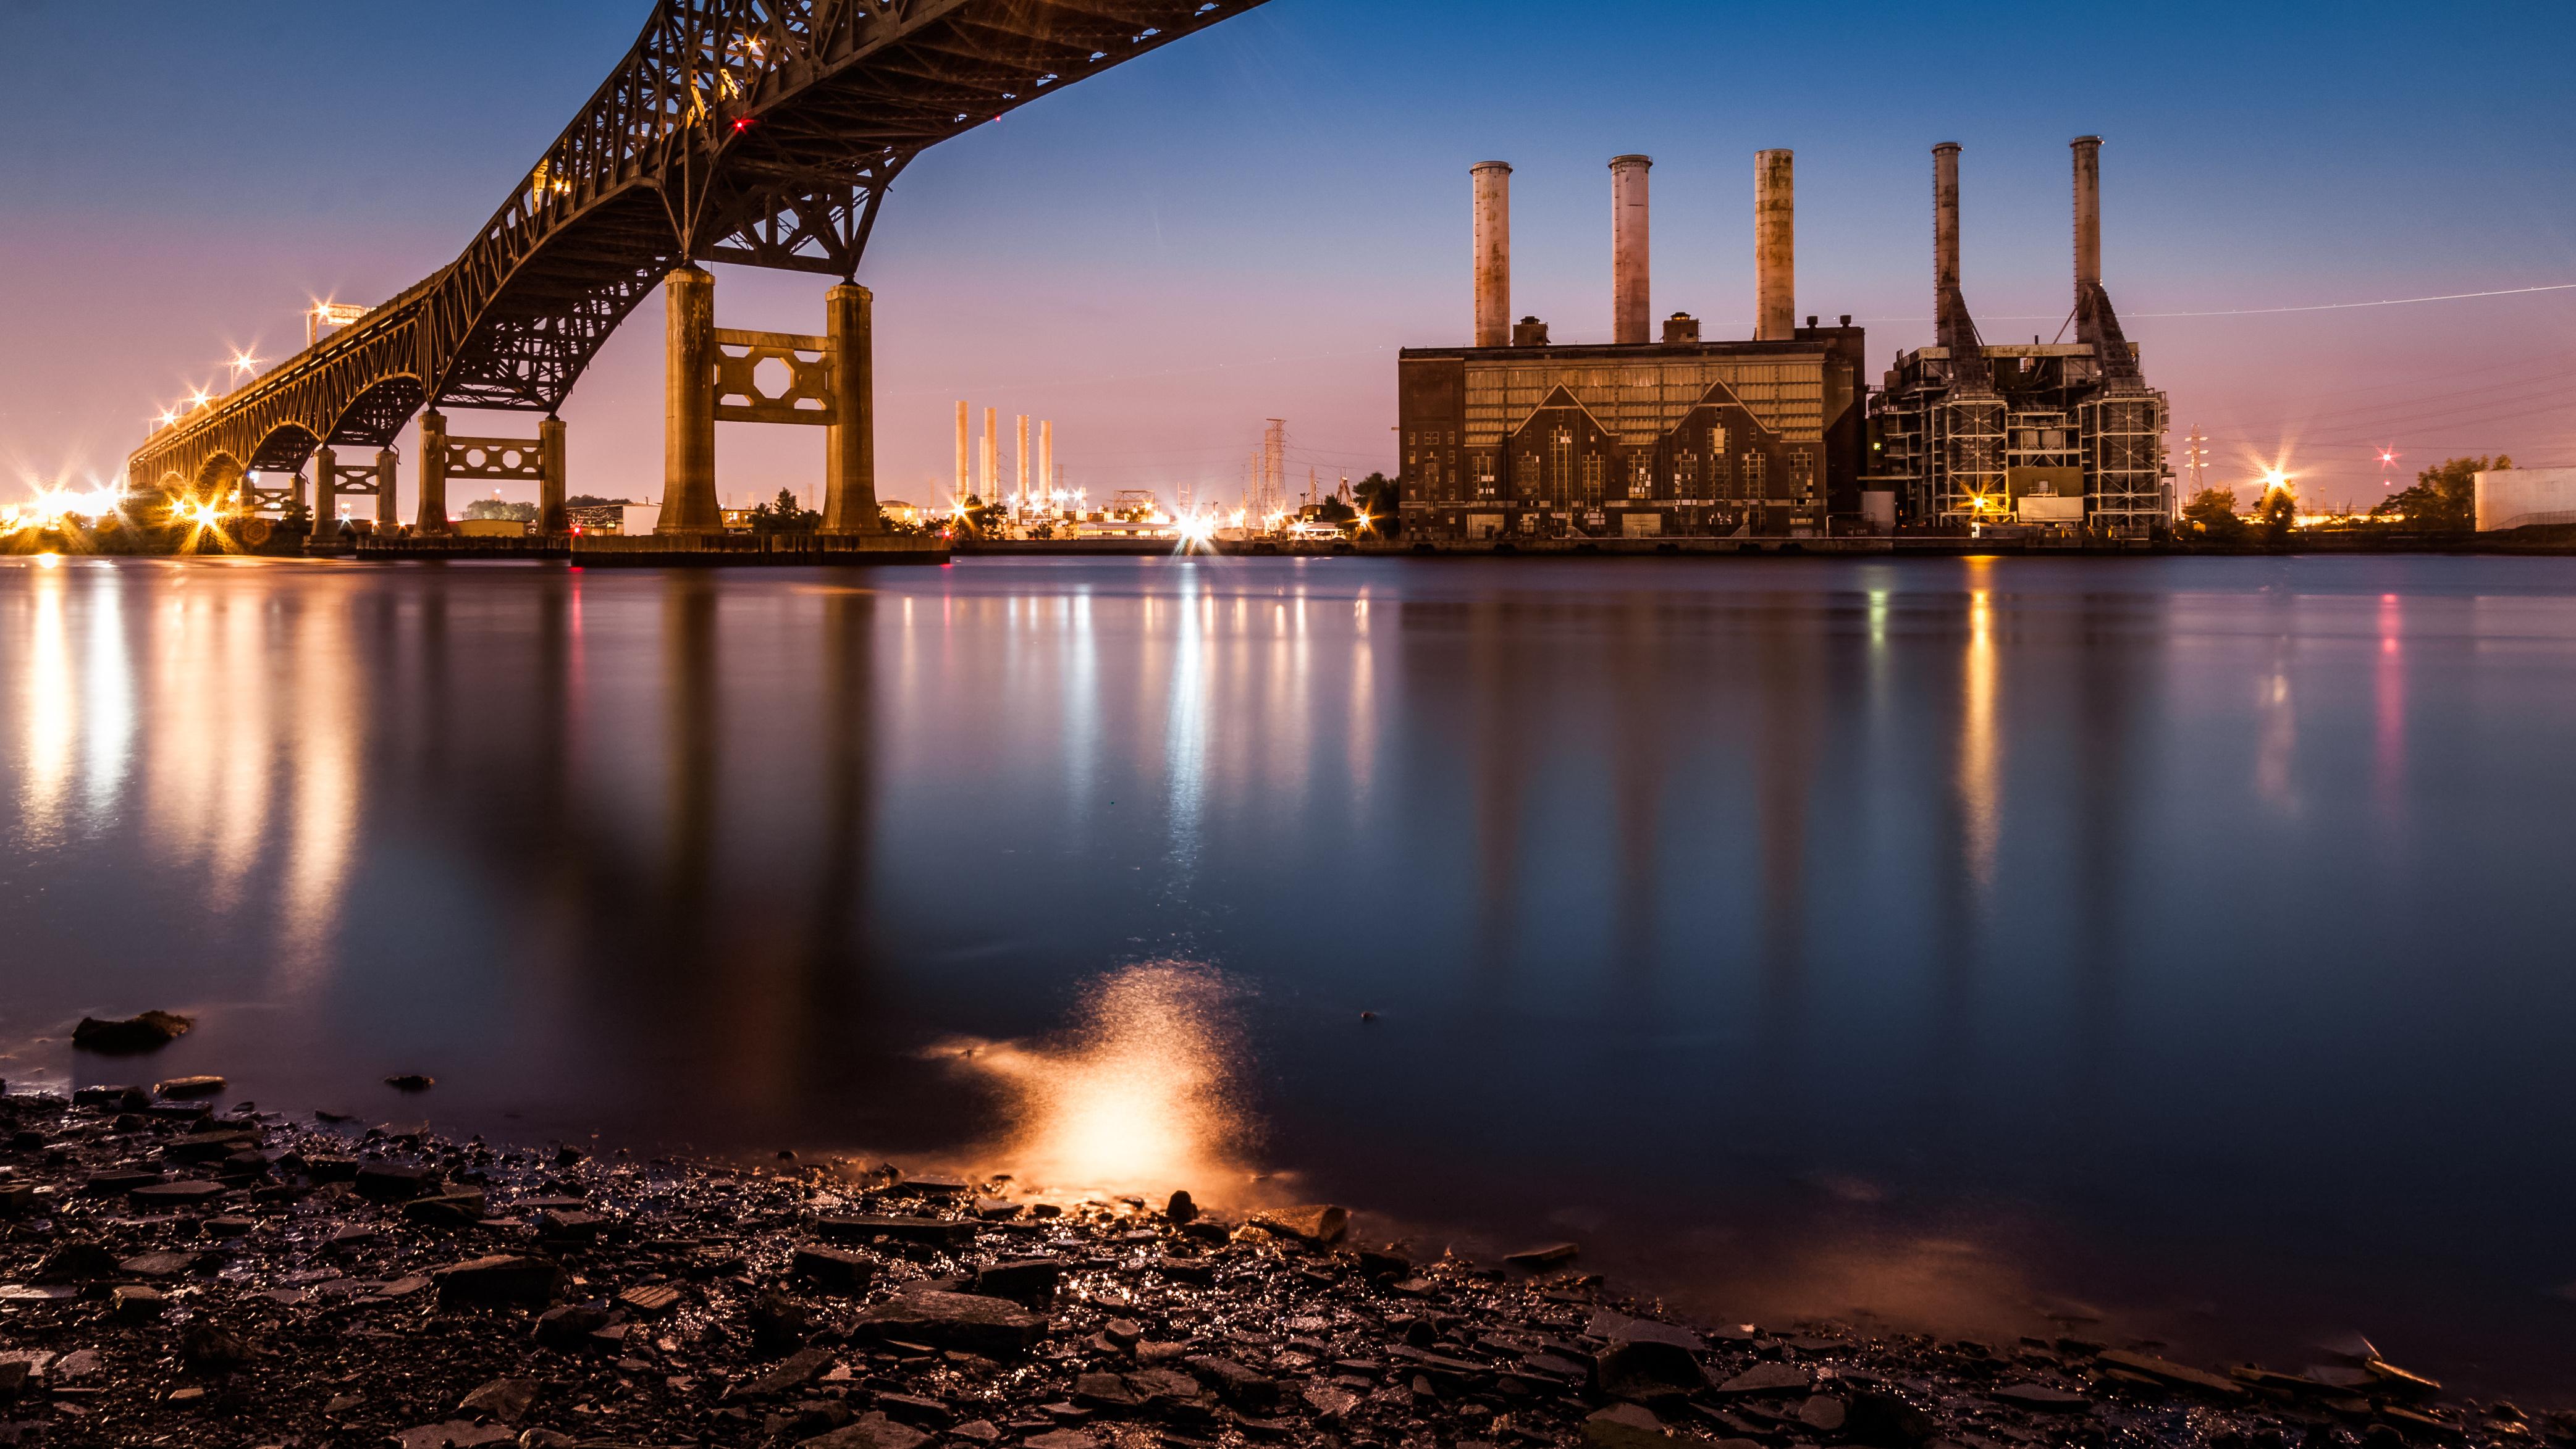 Kearny Power Station and Pulasky Skyway at dusk in NJ